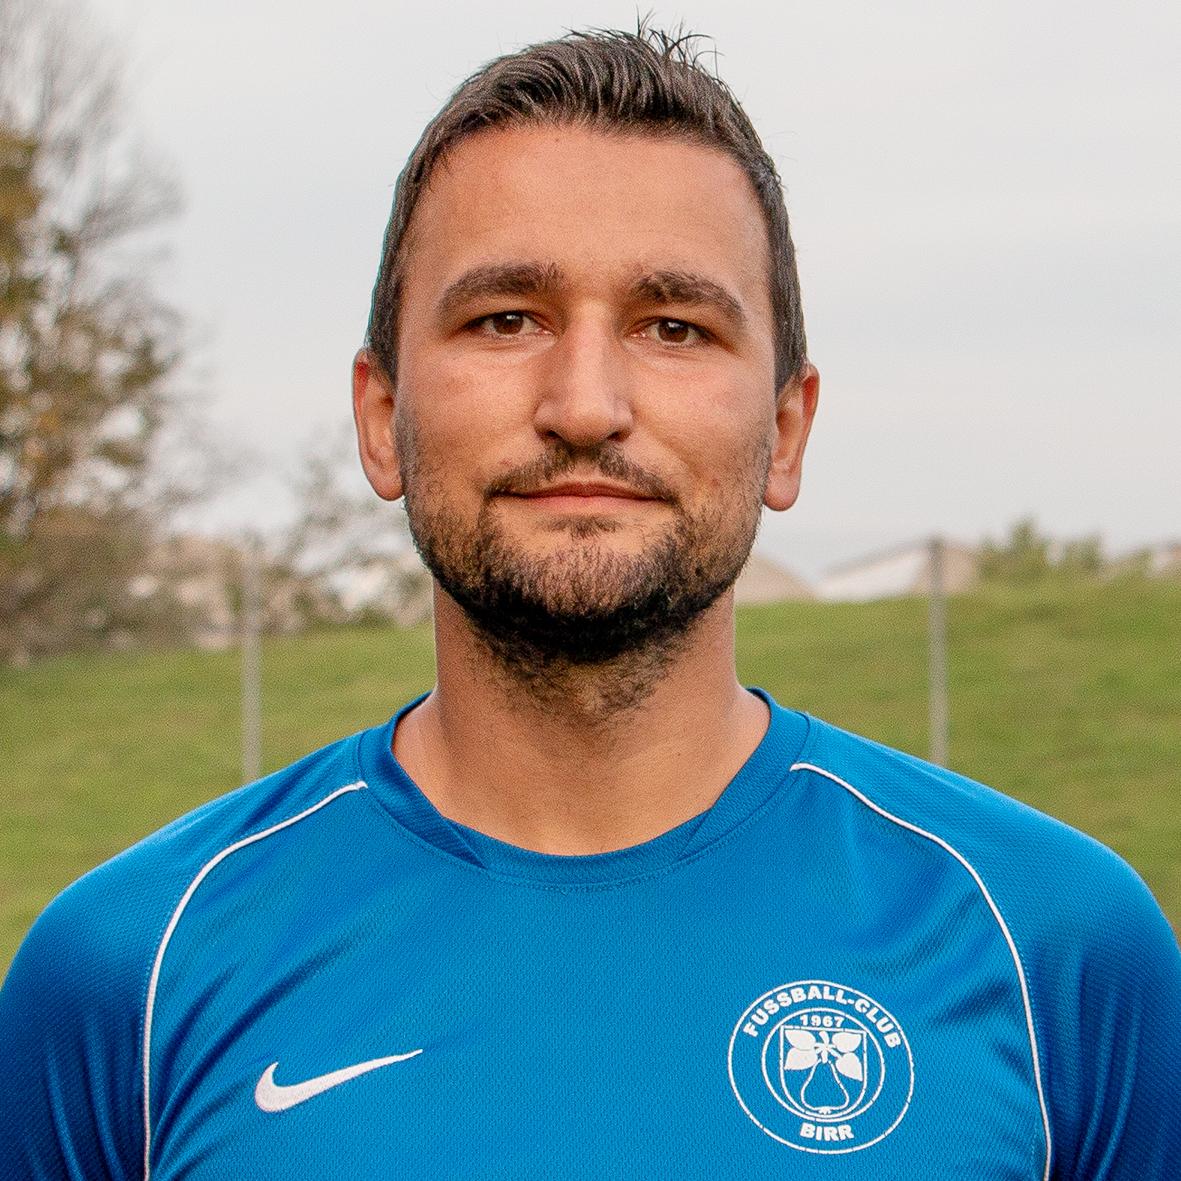 Zoran Giglic